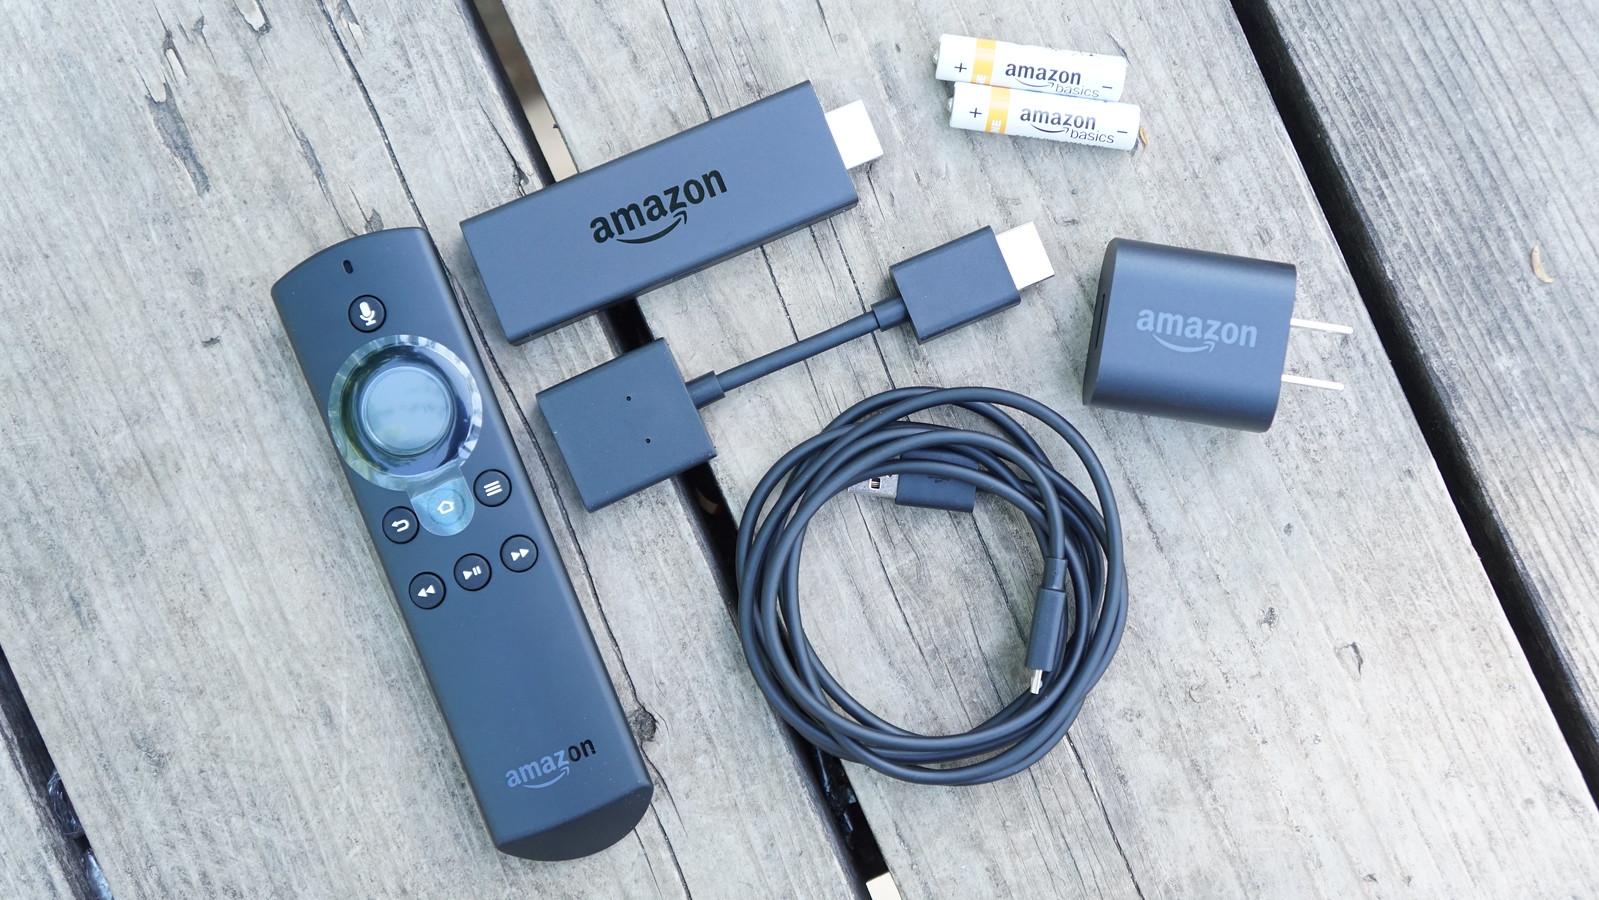 Fire TVのパッケージ、デザイン